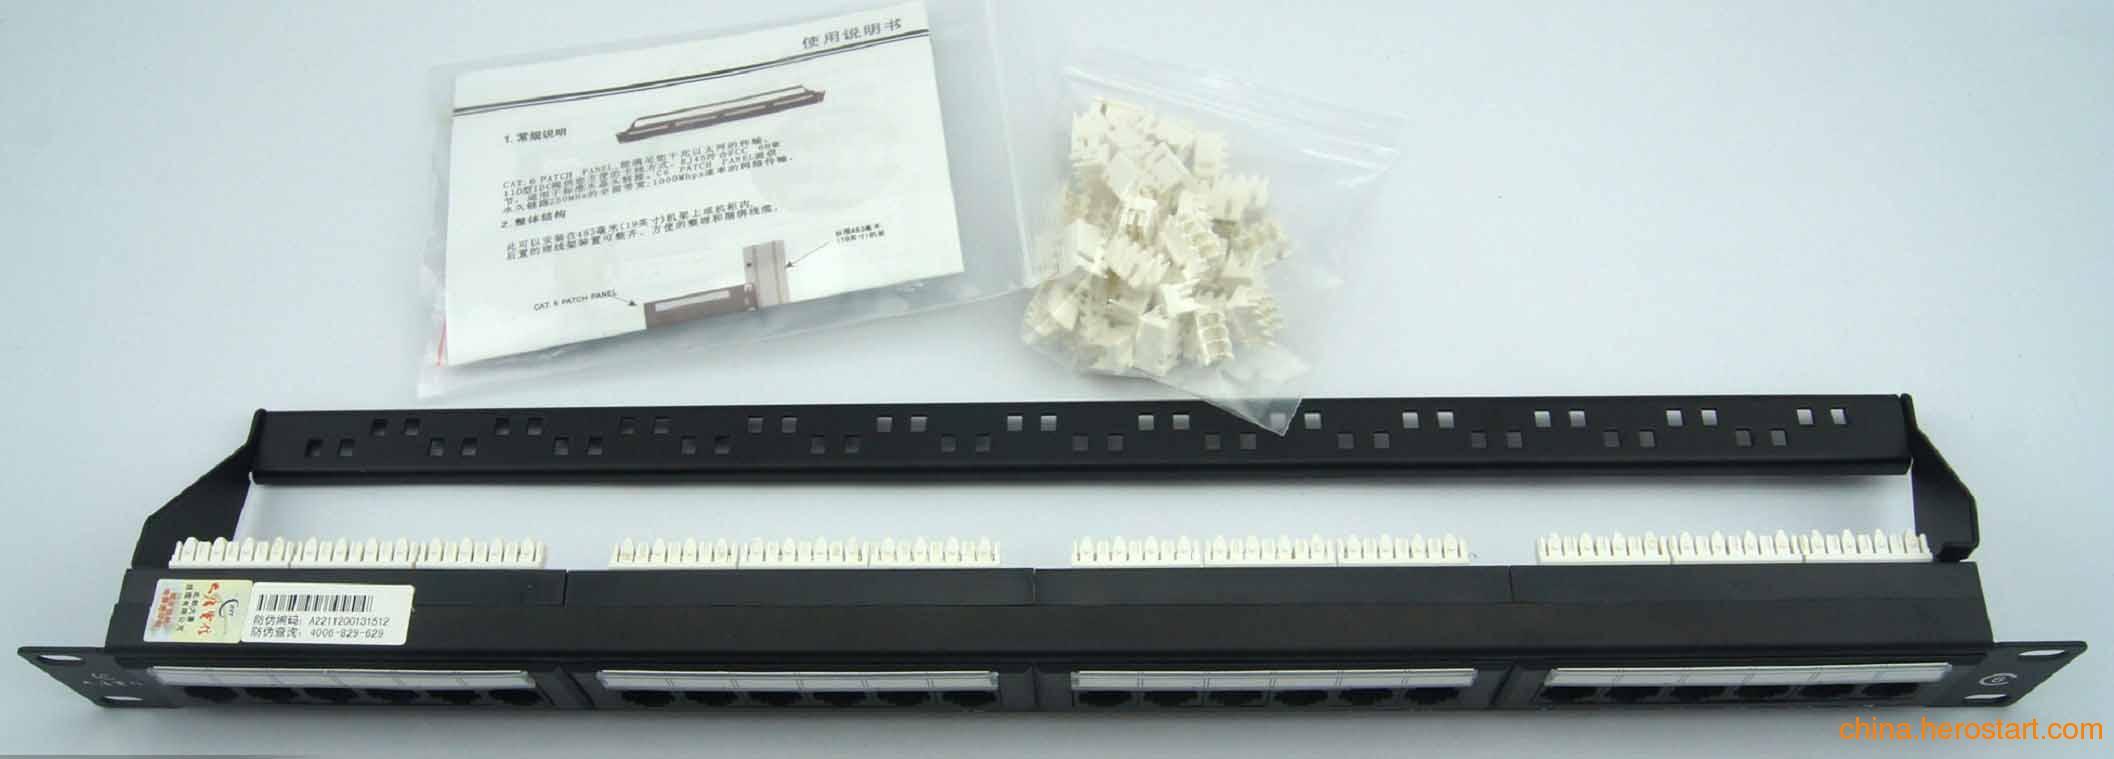 供应大唐电信六类24口配线架DTT-P6-1242 促销包邮